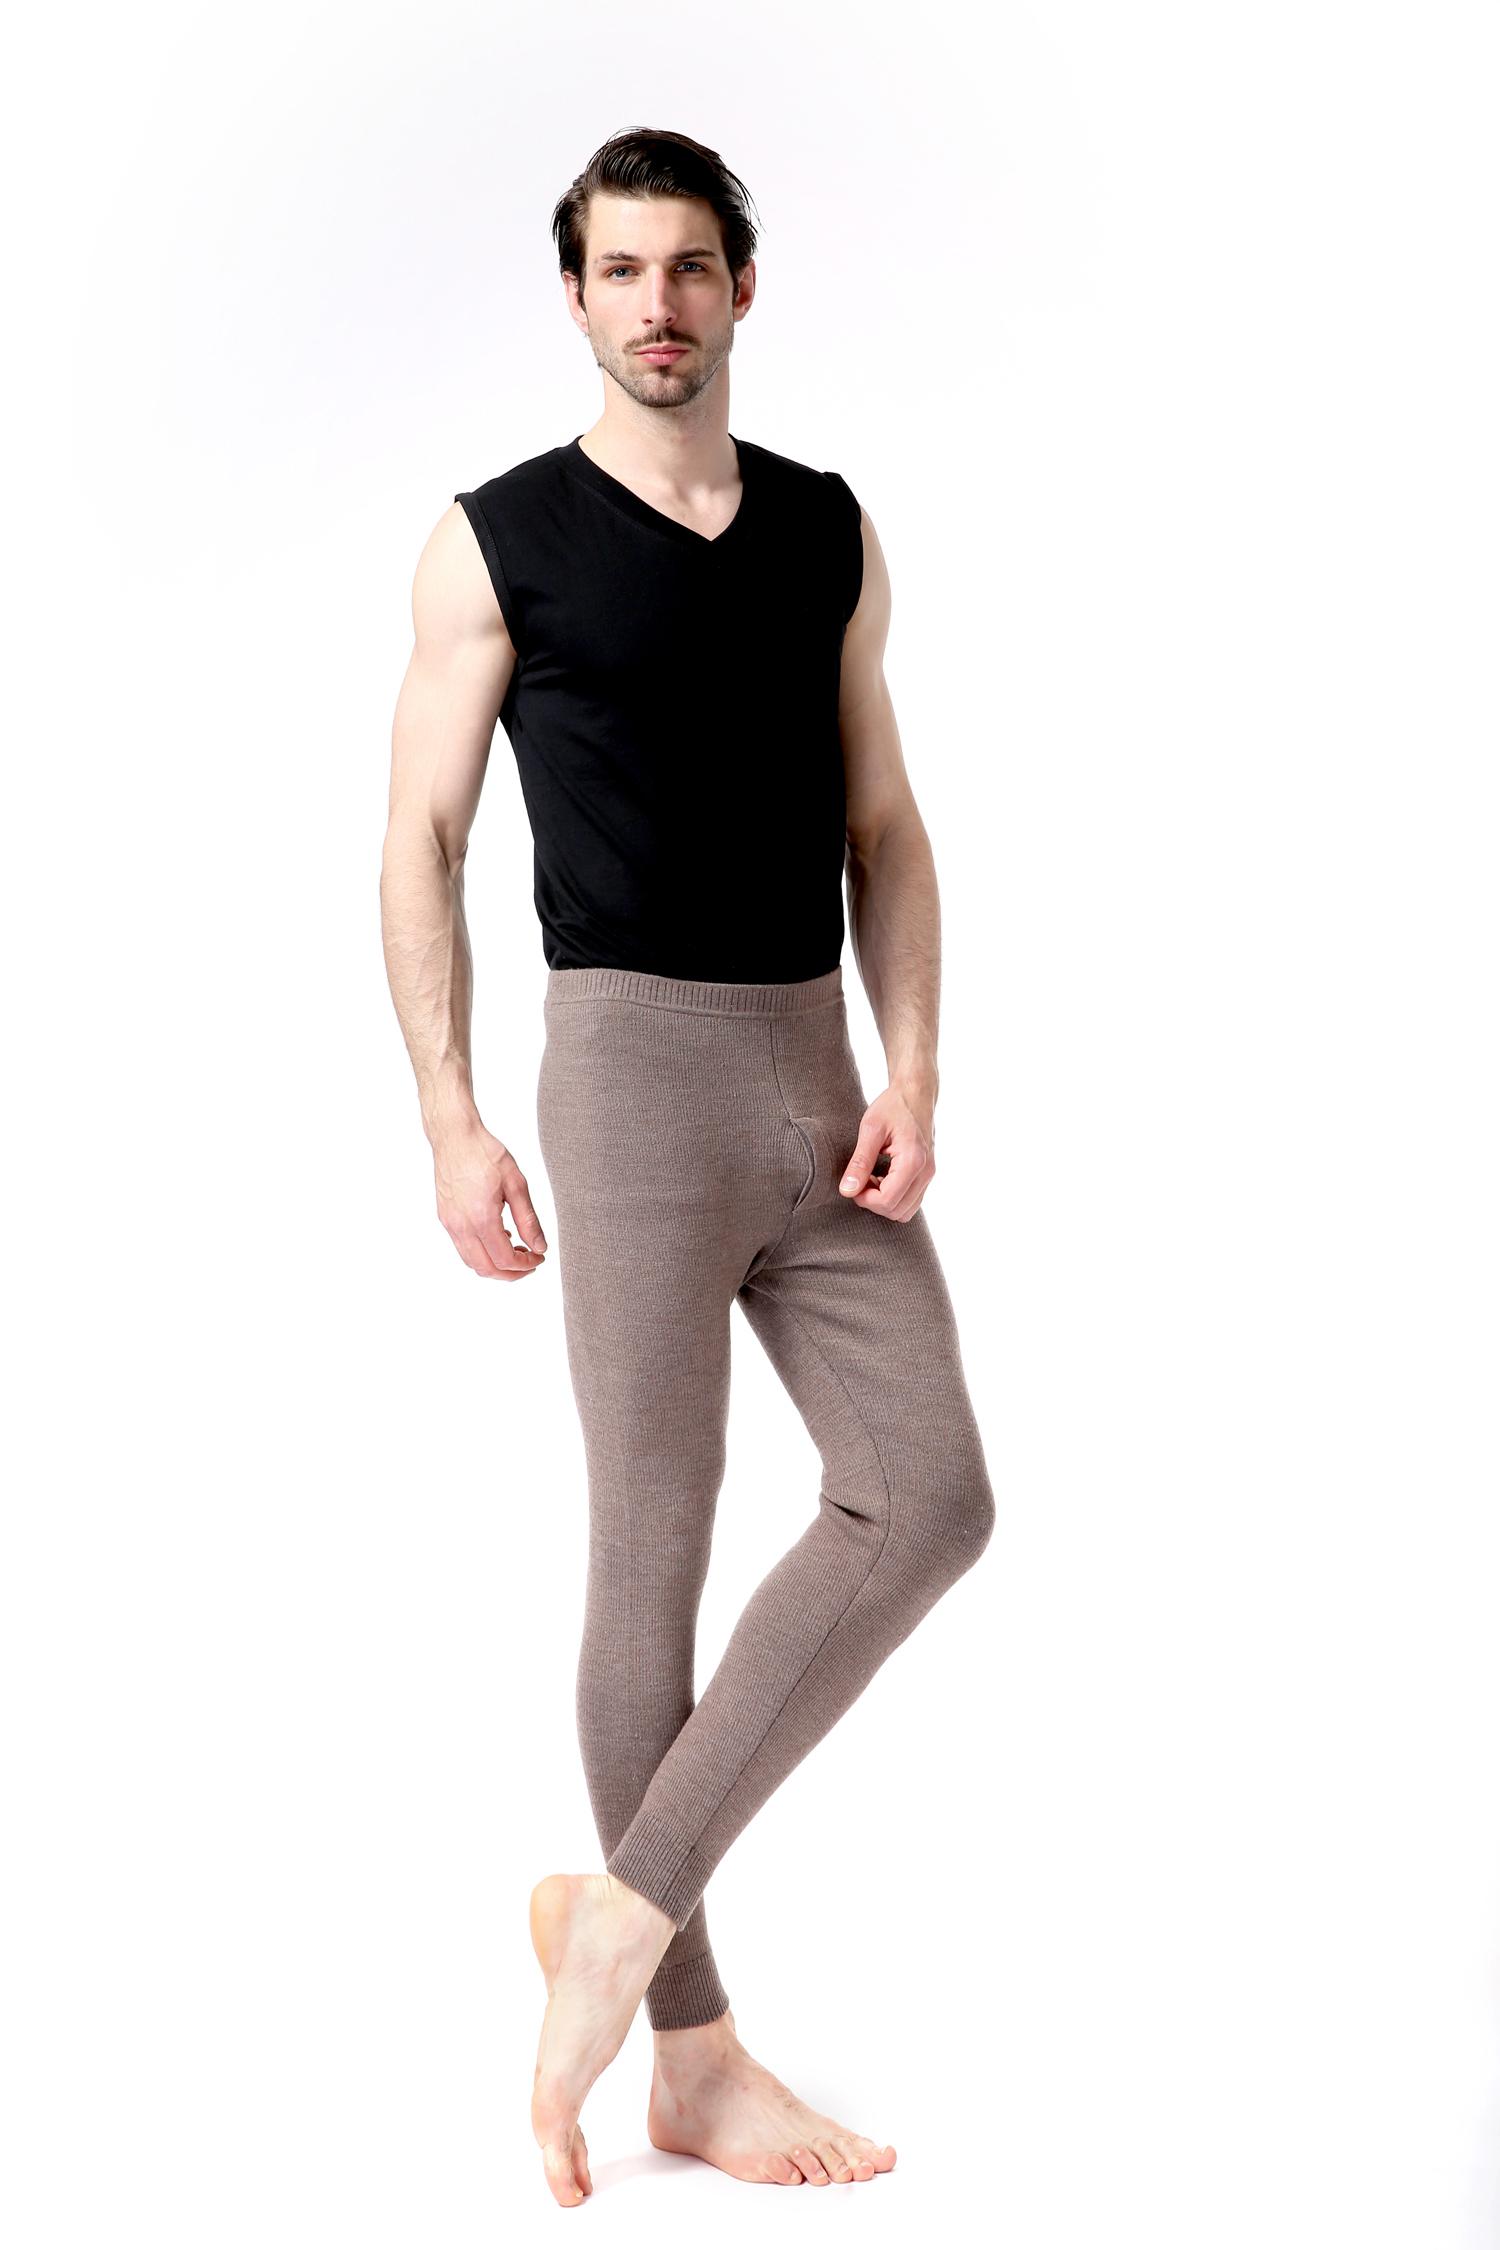 优惠的男士打底绒裤|火热畅销的都兰诺斯澳毛男抽条裤要到哪儿买